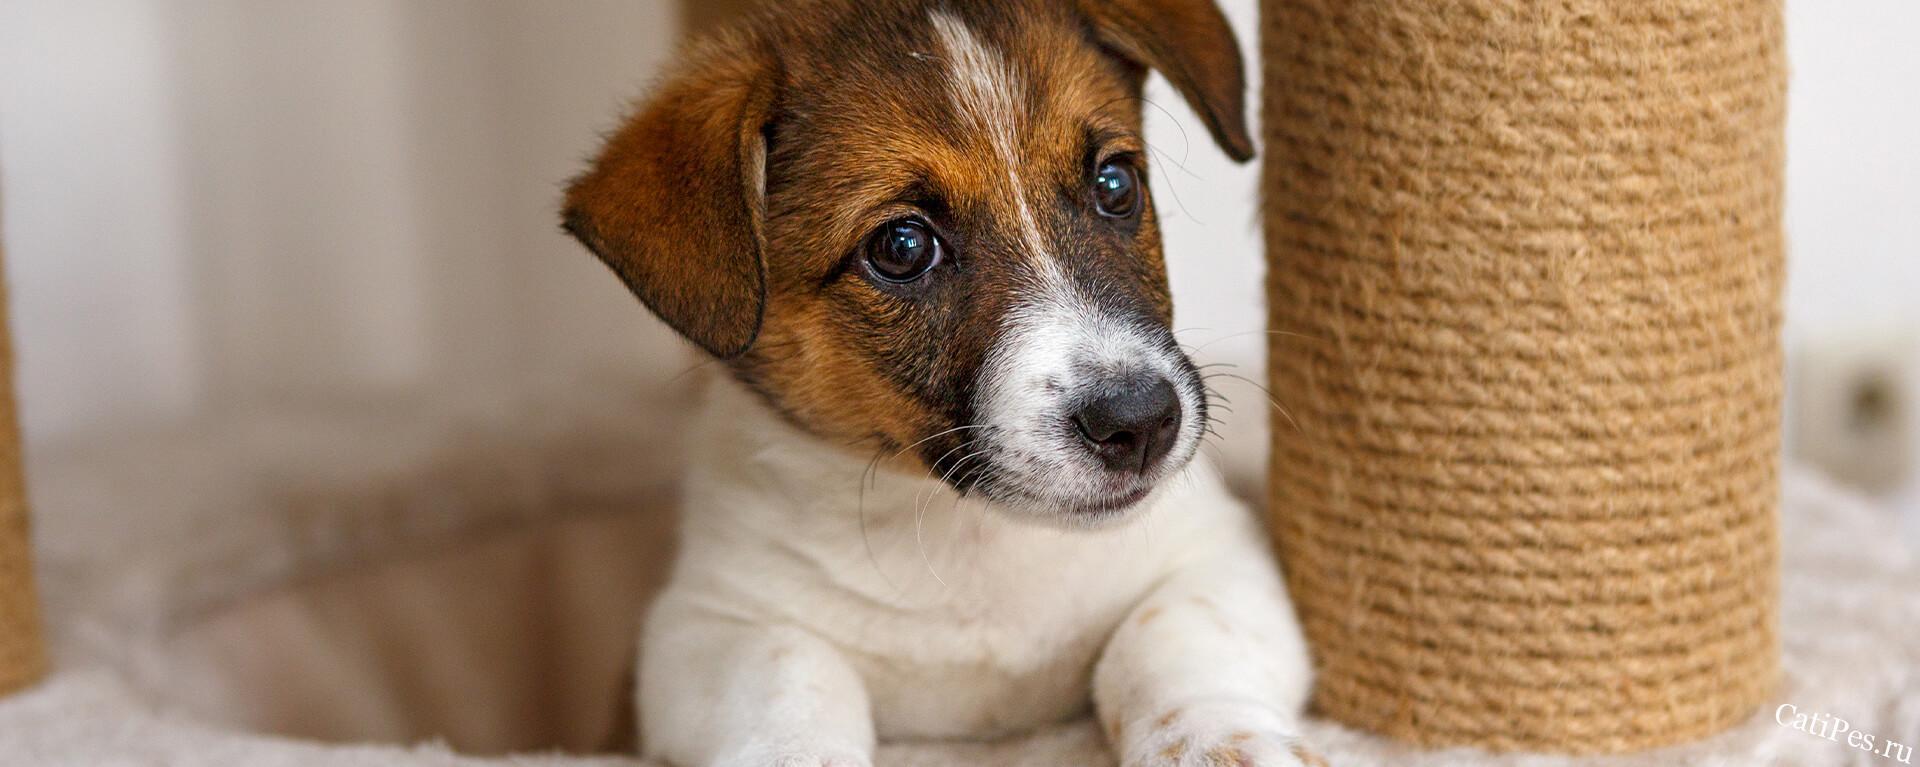 Дрессировка щенка в домашних условиях